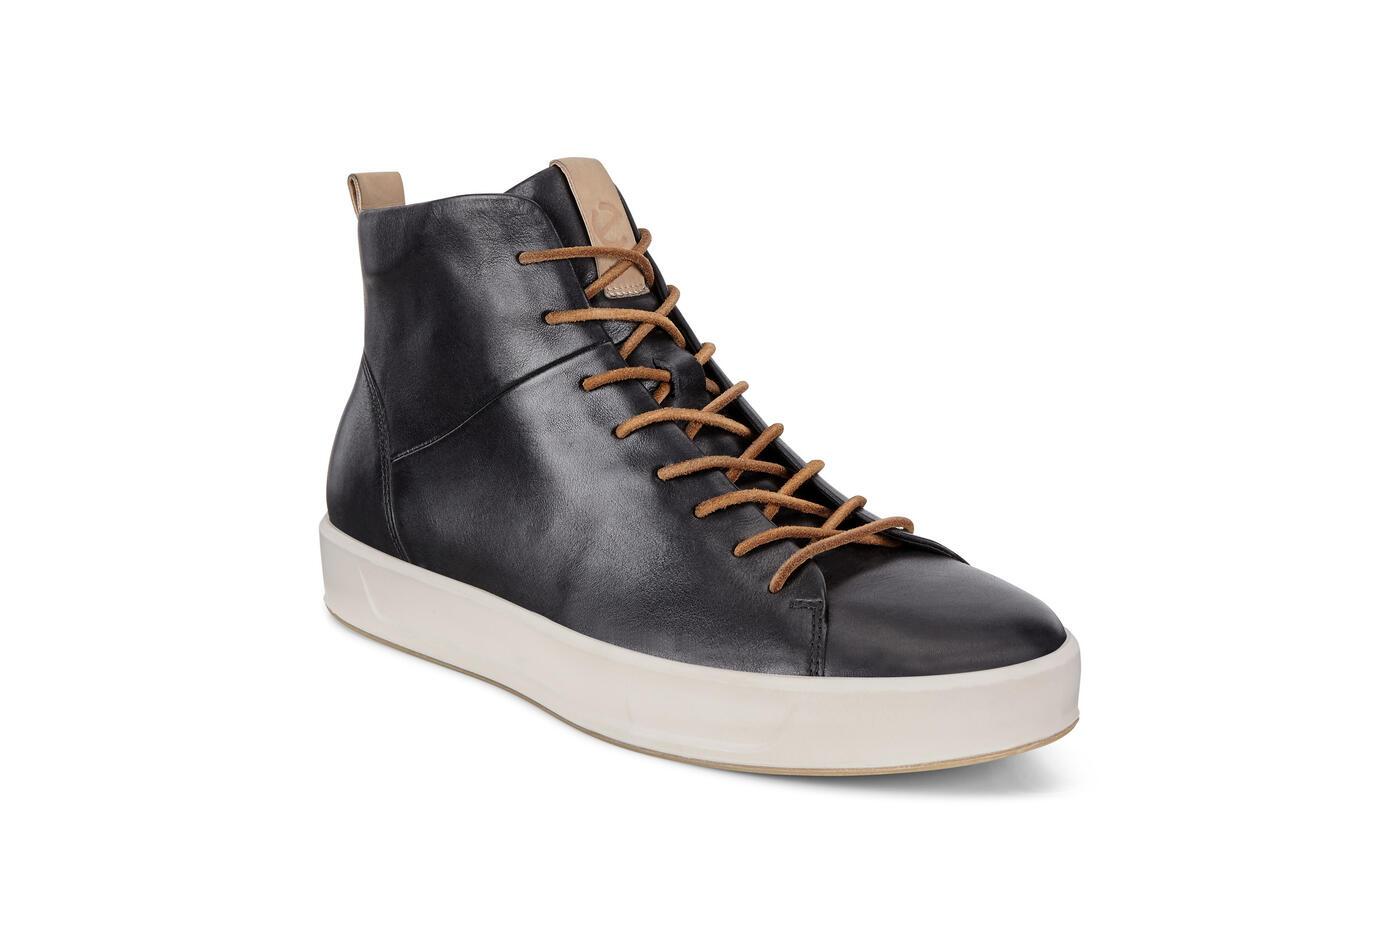 Chaussure montante ECCO SOFT 8 LX pour hommes